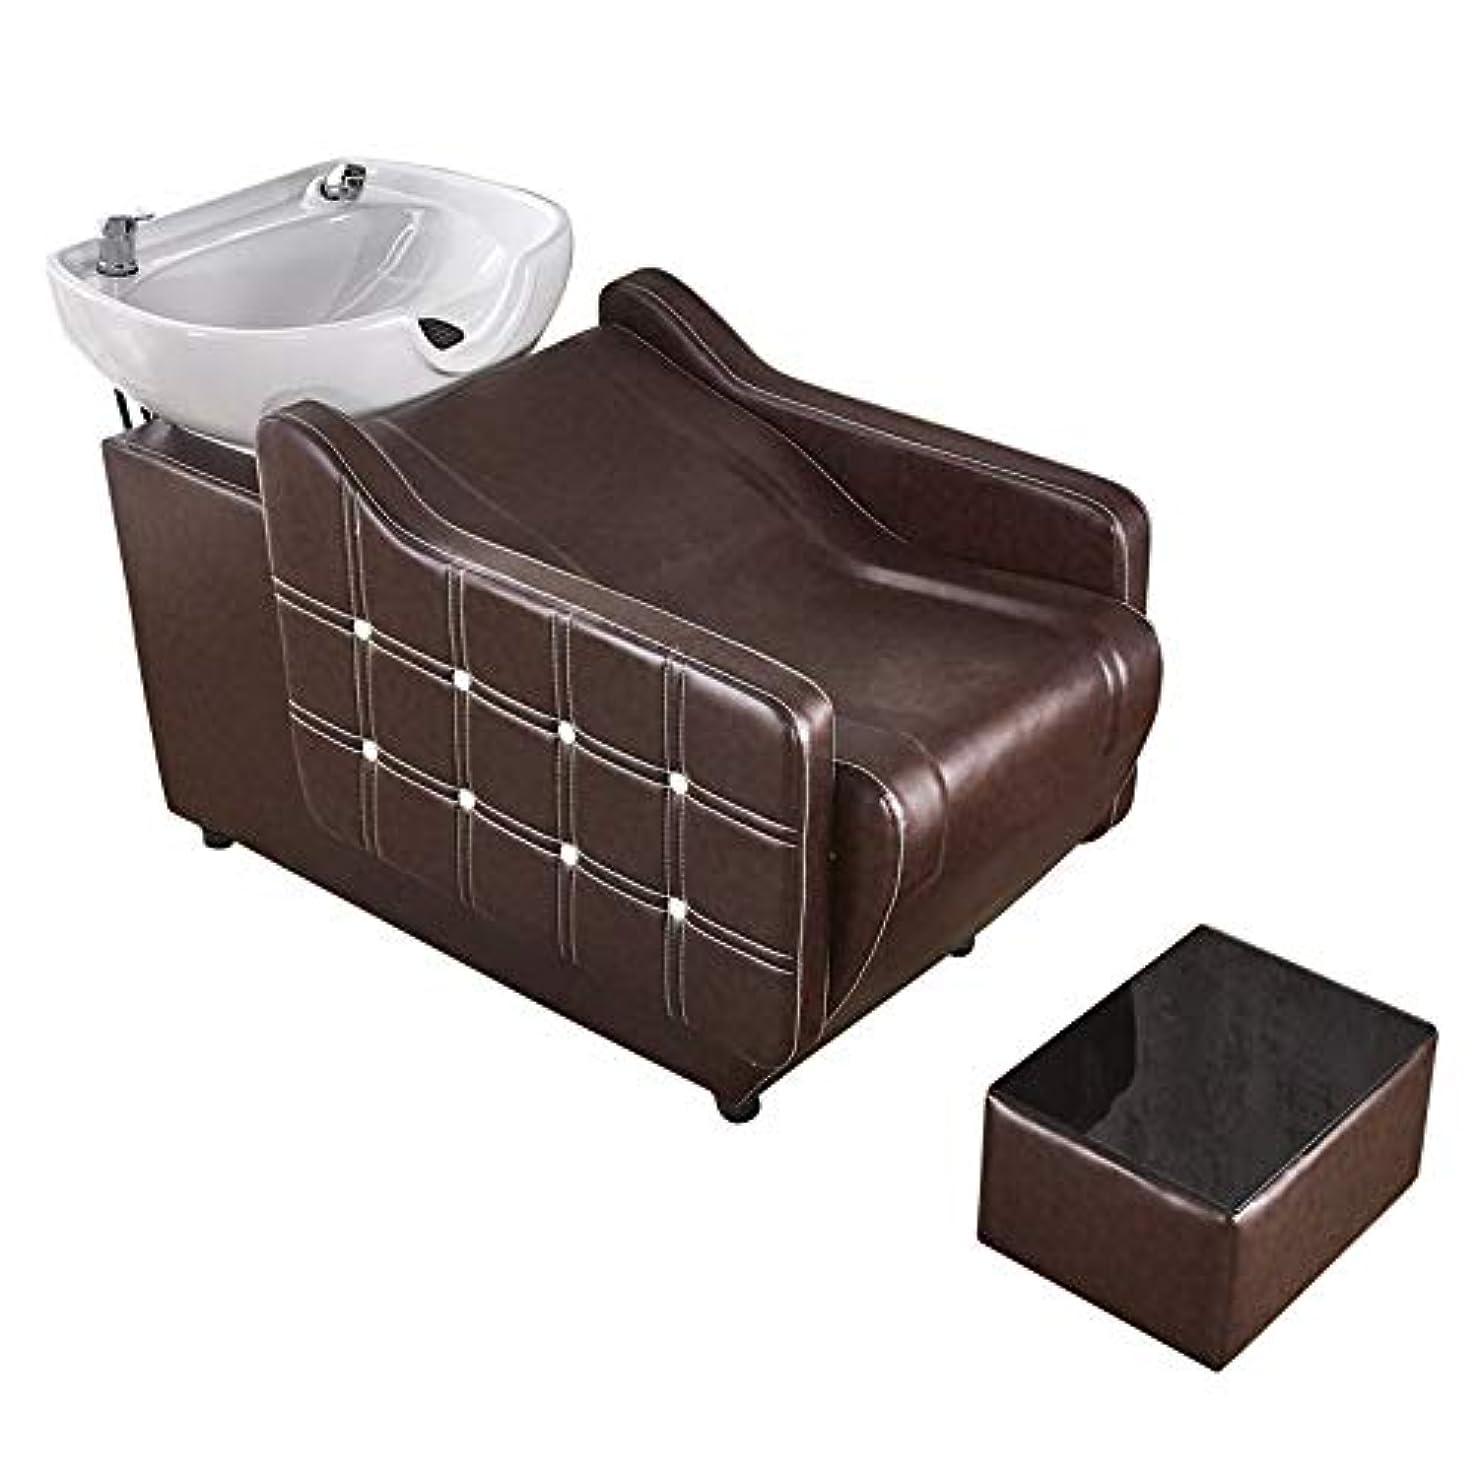 毎月プロテスタント南西シャンプーチェア、理髪店の逆洗ユニットシャンプーボウル理髪シンクの椅子用スパ美容院